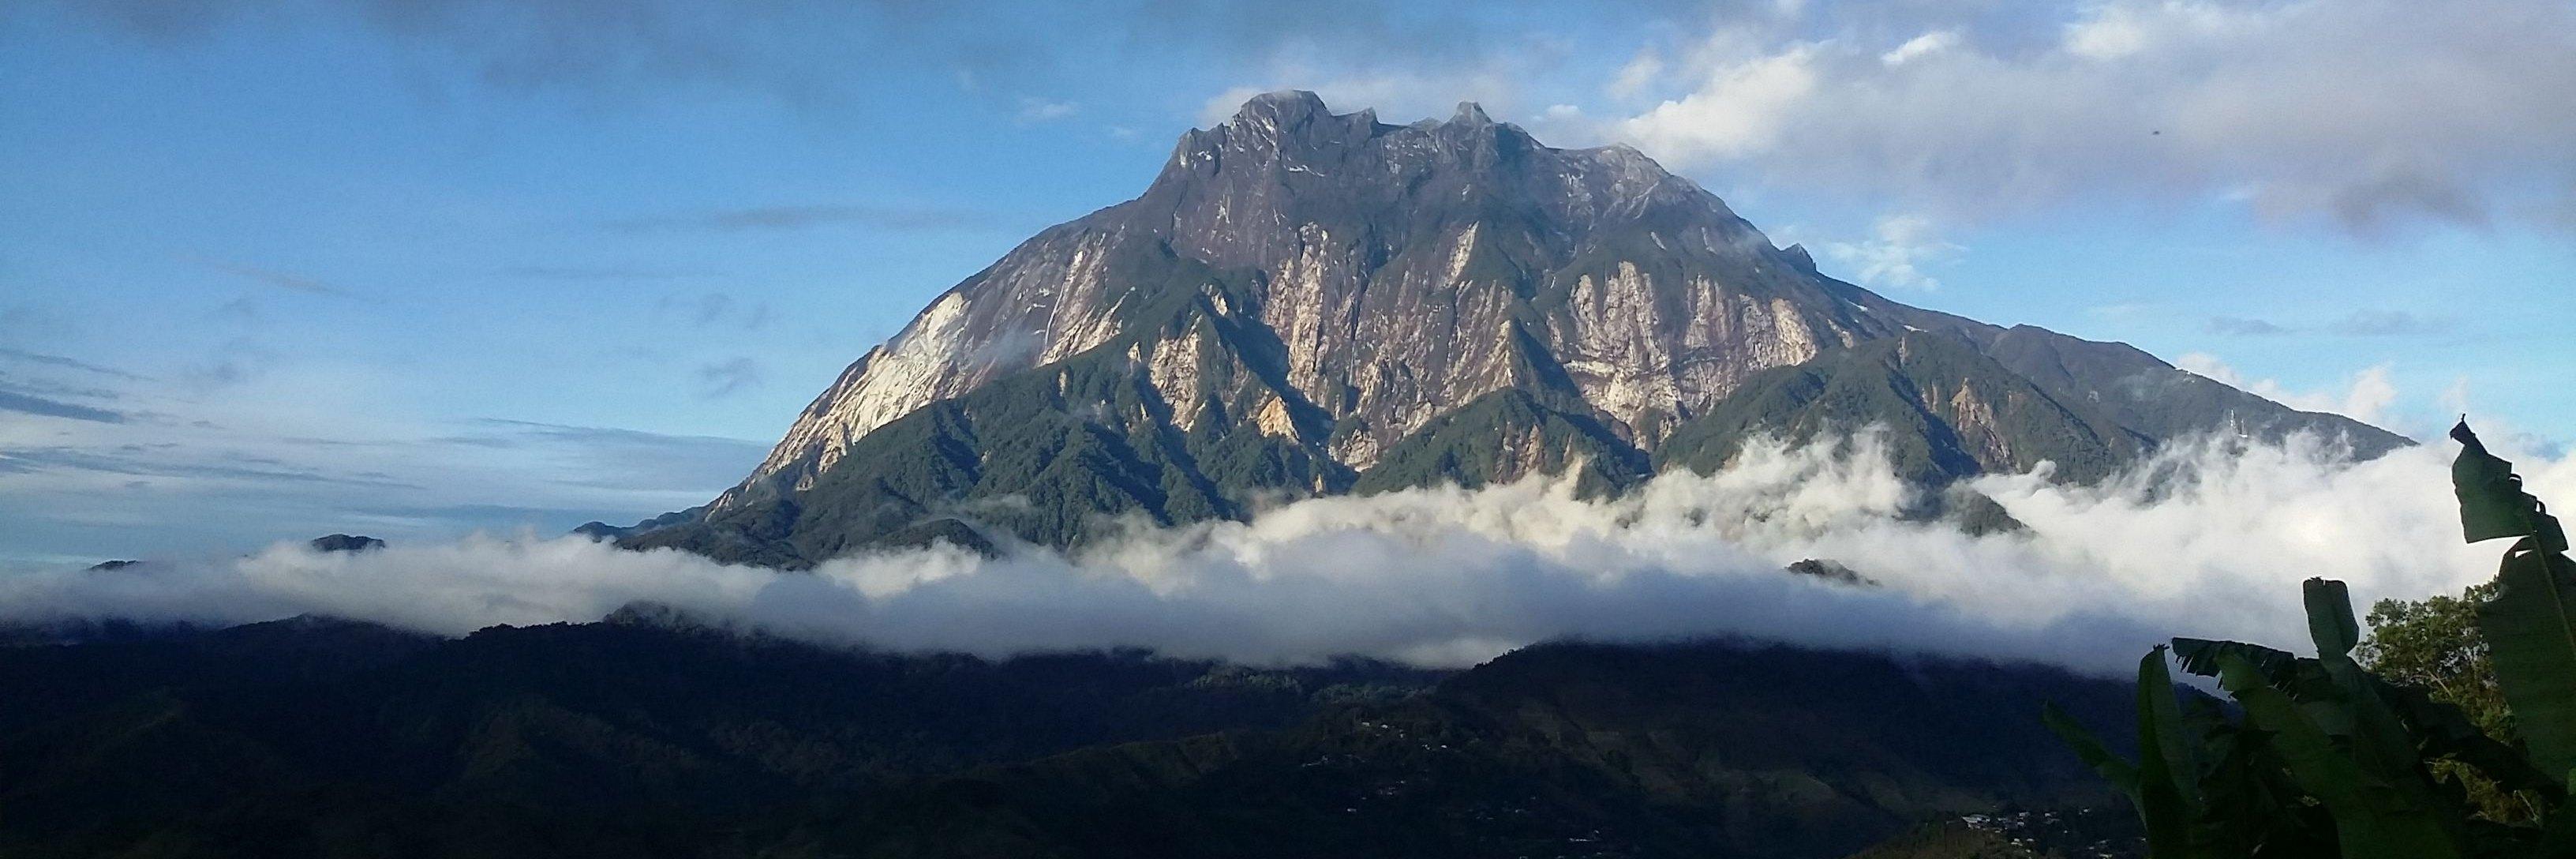 Der Mount Kinabalu auf Borneo ist mit mit 4.095 m der höchste Berg Südostasiens.